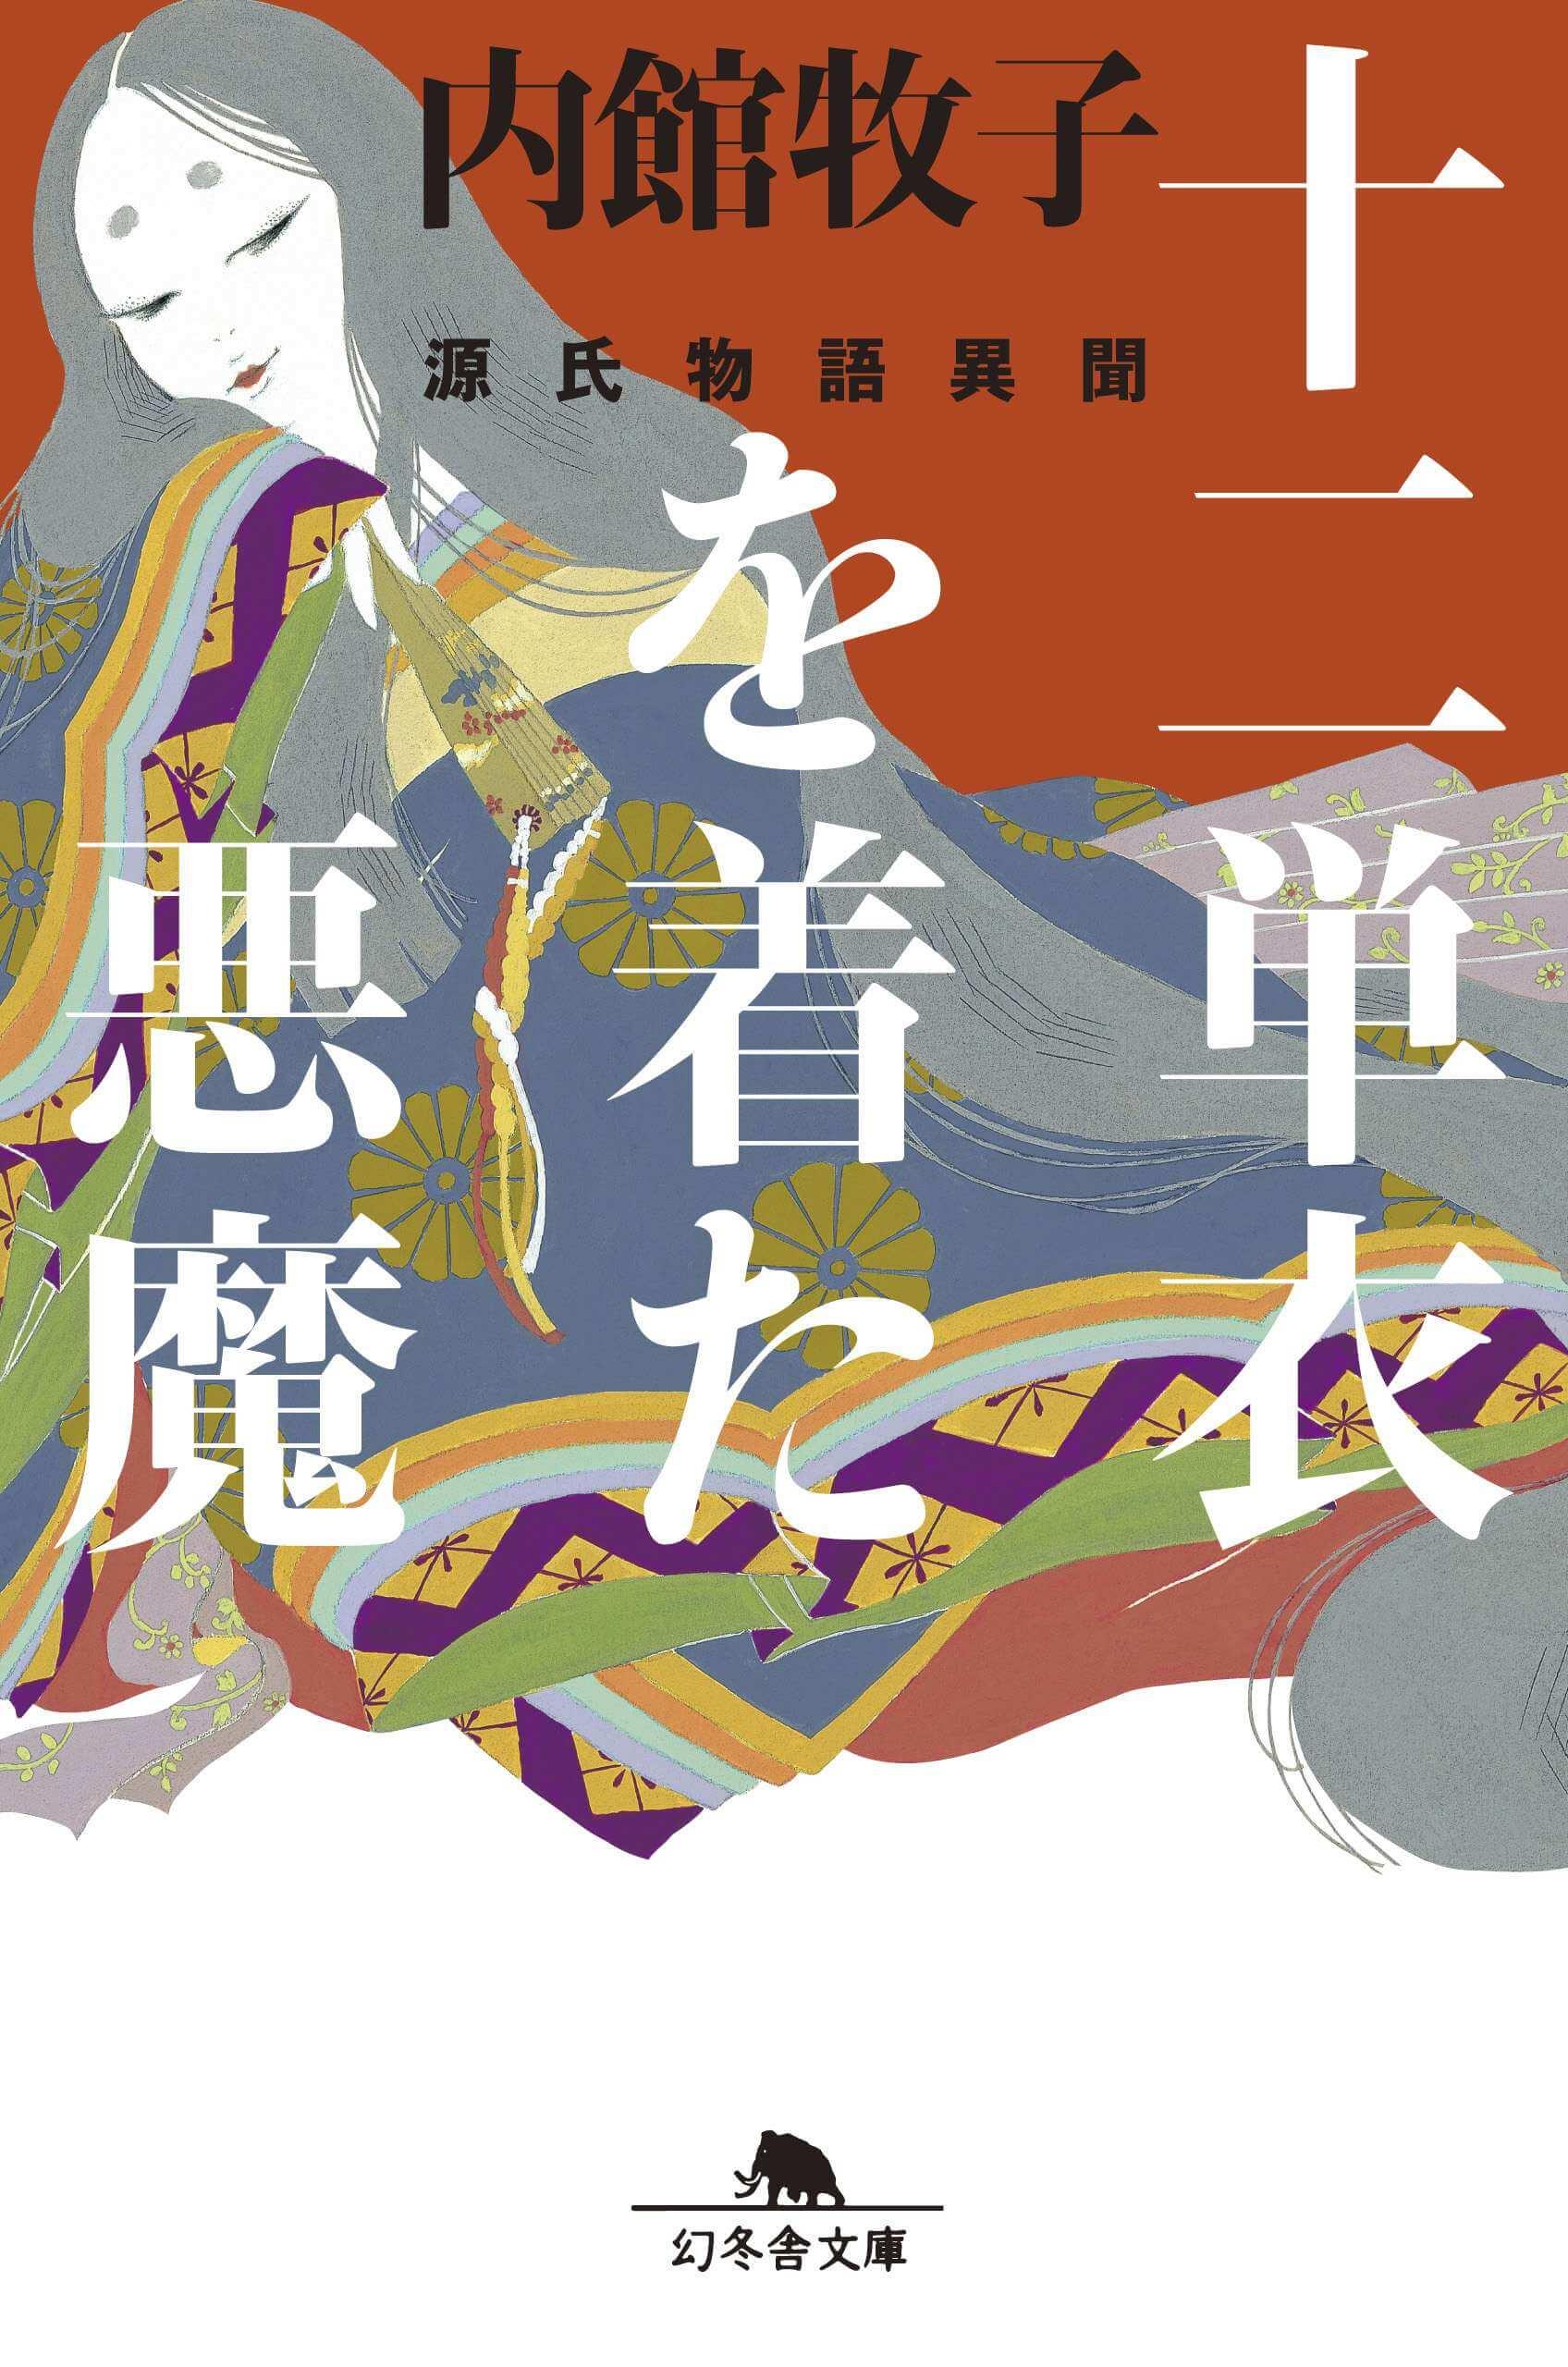 內館牧子長篇小說《源氏物語異聞之身穿十二單衣的惡魔》改編成真人電影,並將由伊藤健太郎、三吉彩花主演。